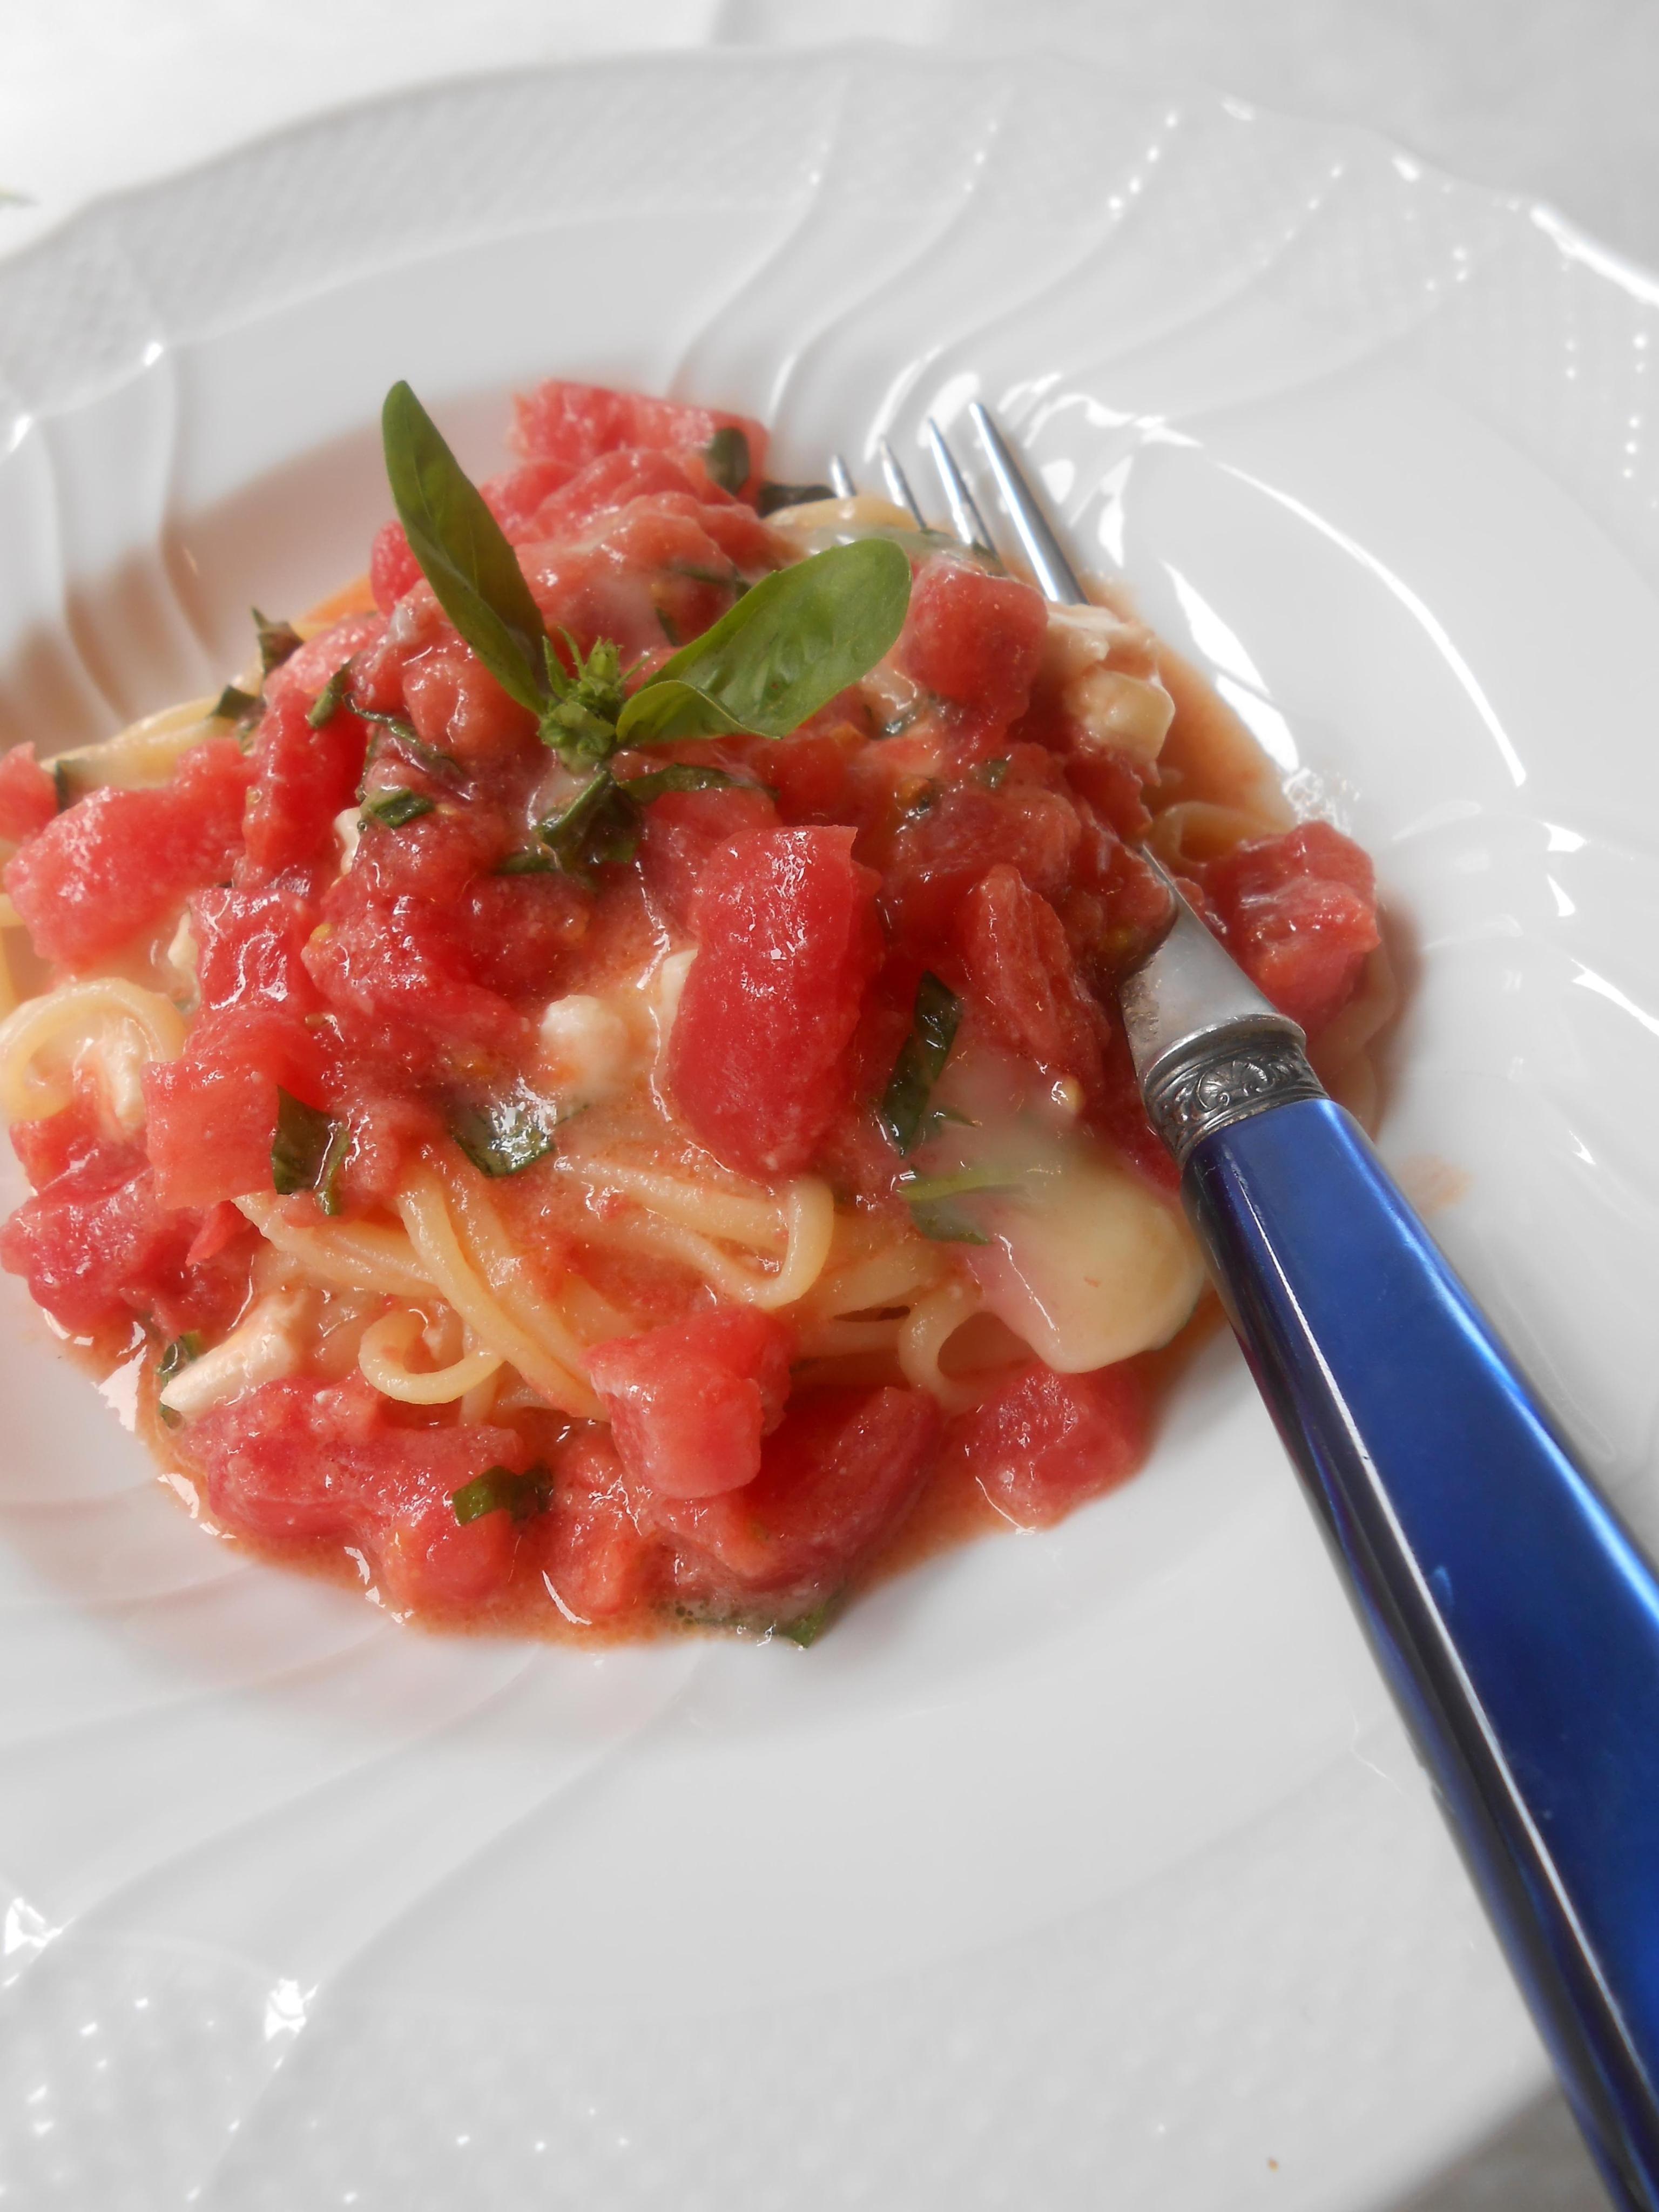 フルーツトマトとブリー(白カビチーズ)のパスタ